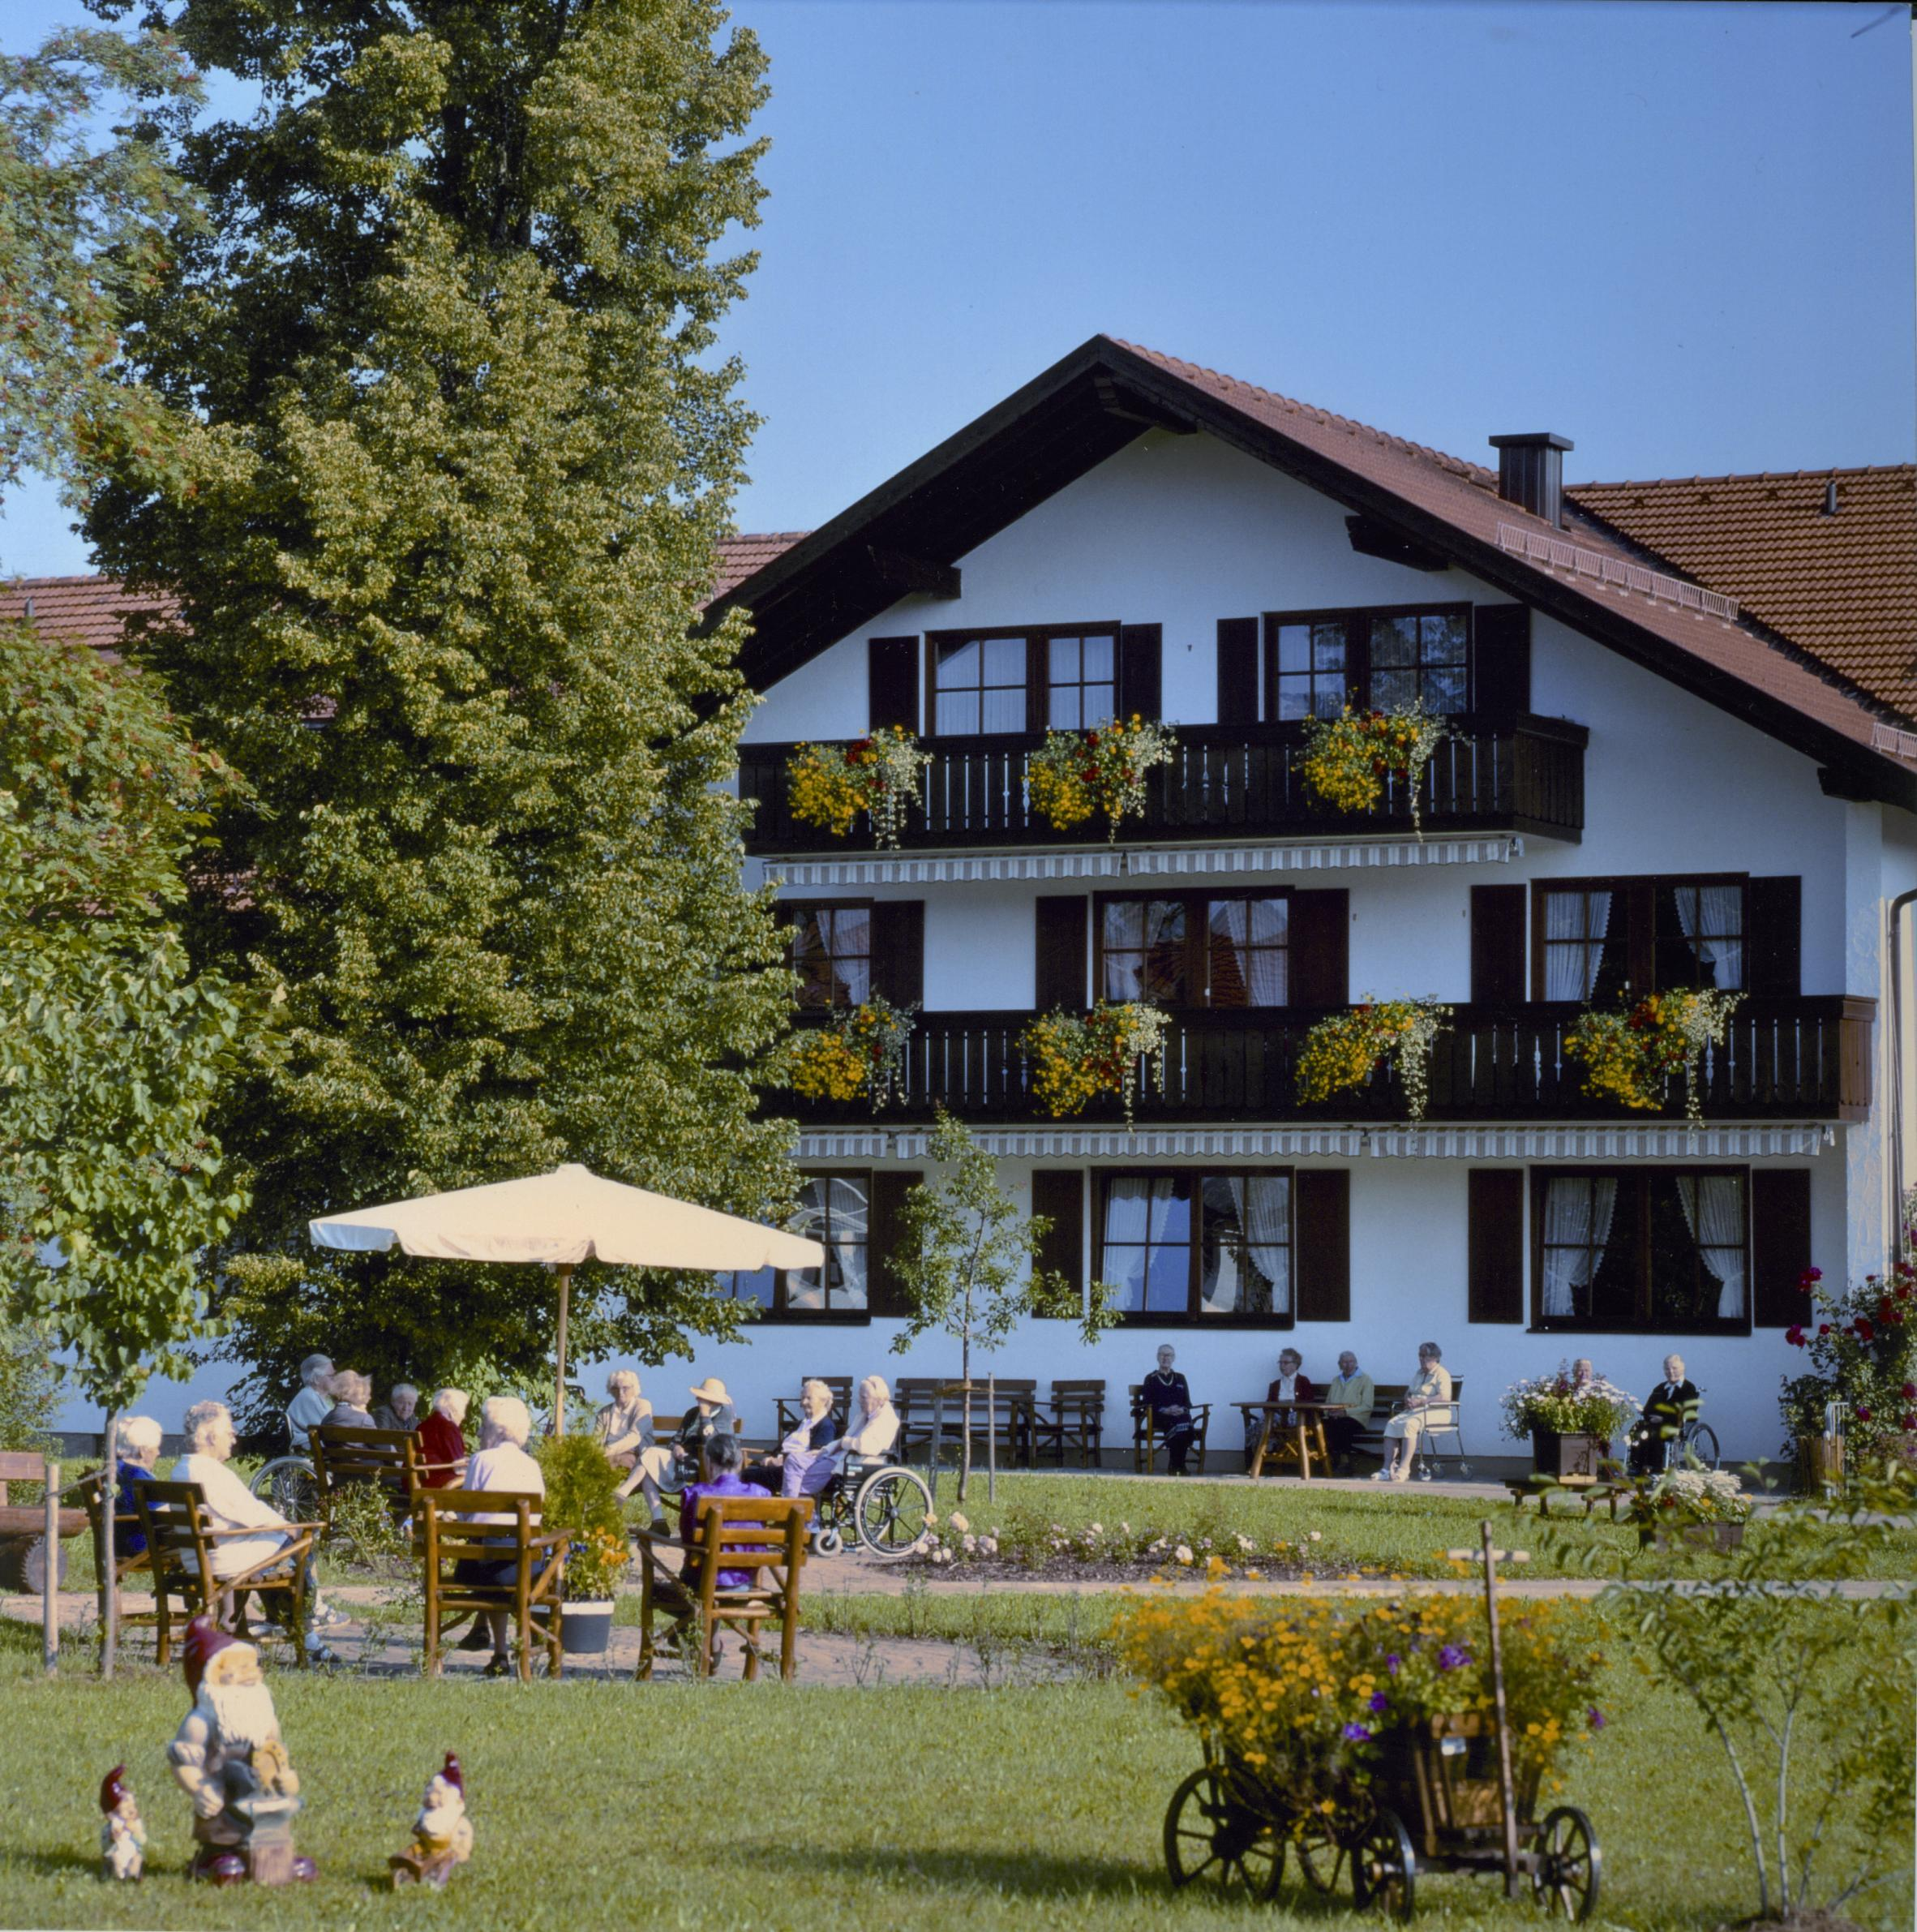 Caritas Alten- und Pflegeheim St. Marien